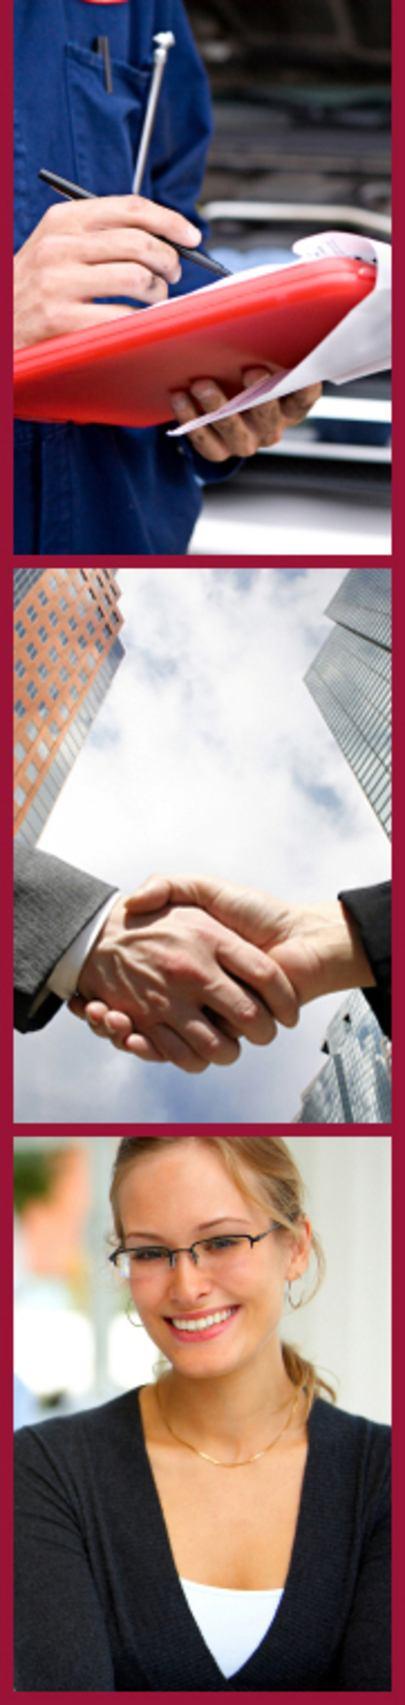 Découvrez nos contrats d'entretien - Opel Dijon Nord